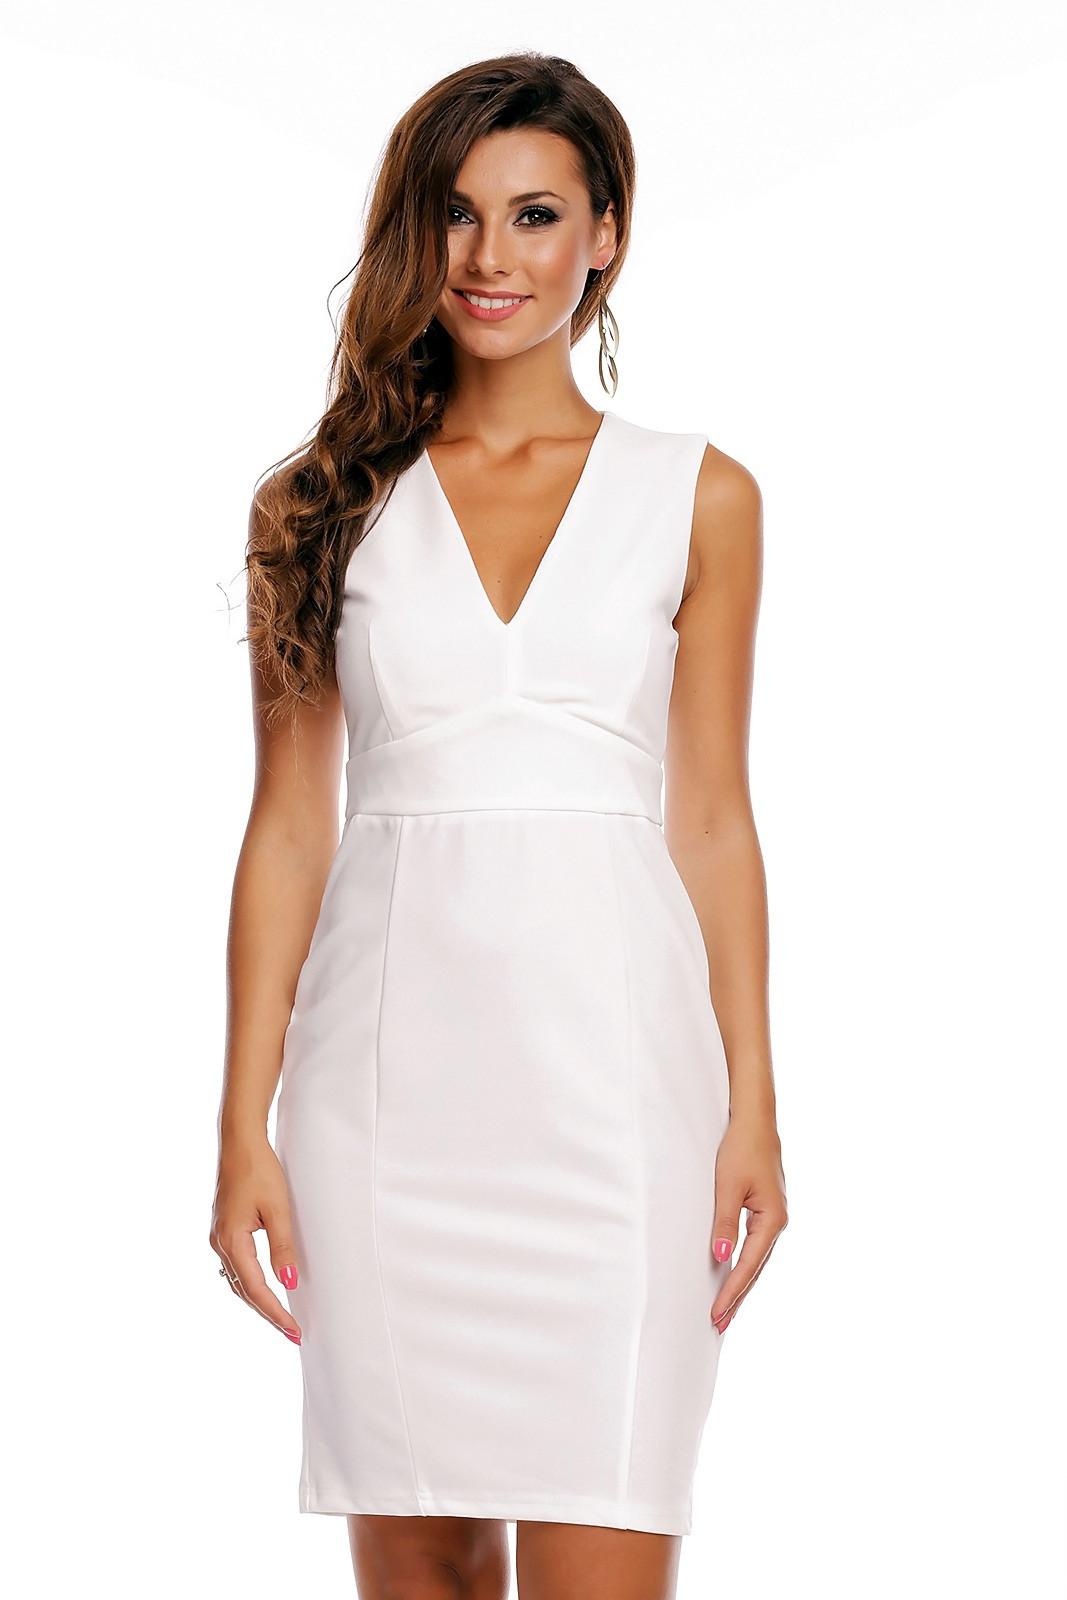 Elegantes Kleid Mit Vausschnitt  Sh Fashion